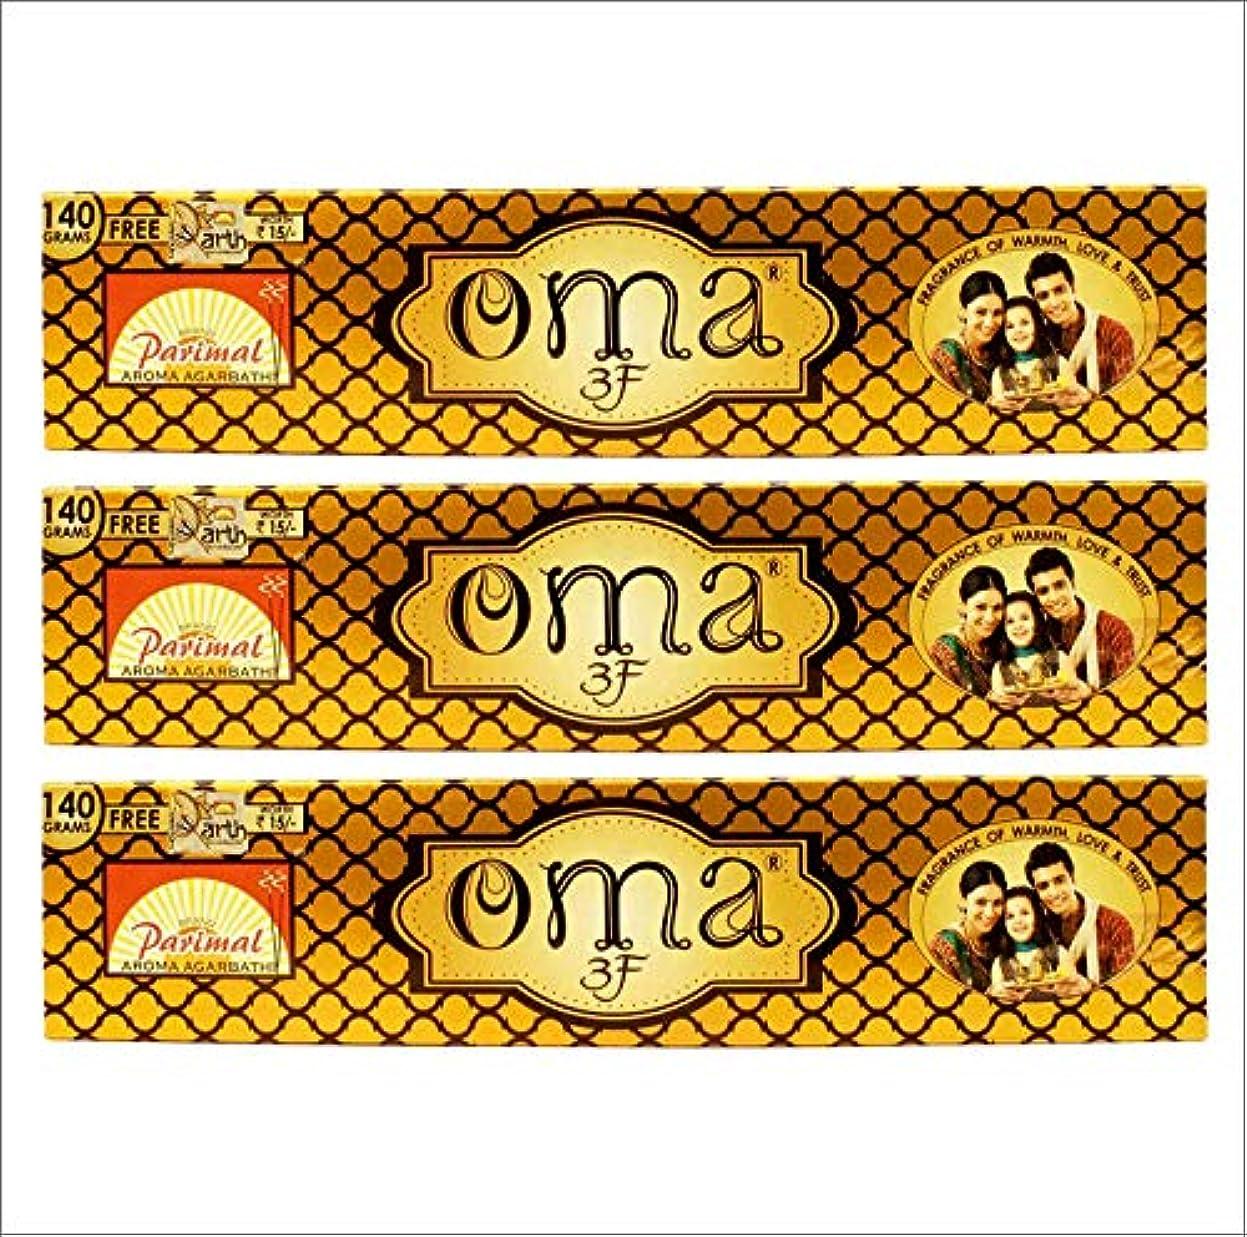 より良い市の花商人Parimal OMA 3F Incense Sticks